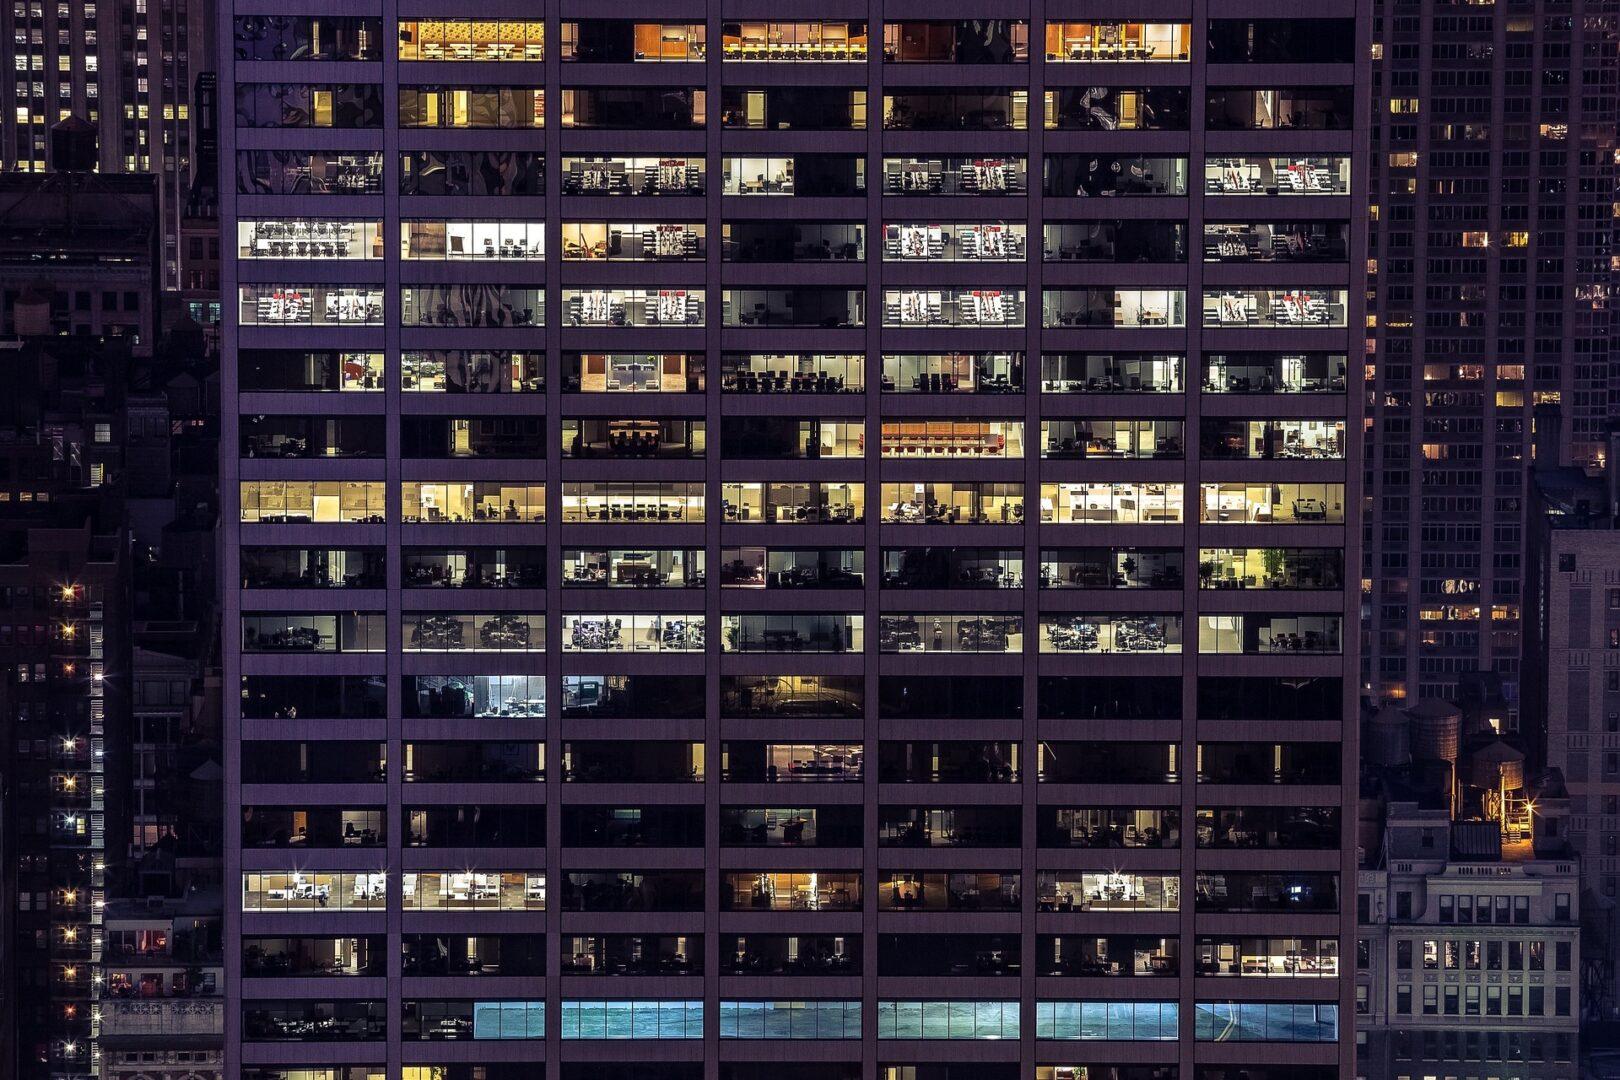 Flexibilität als zentrales Kennzeichen moderner Büroarbeit